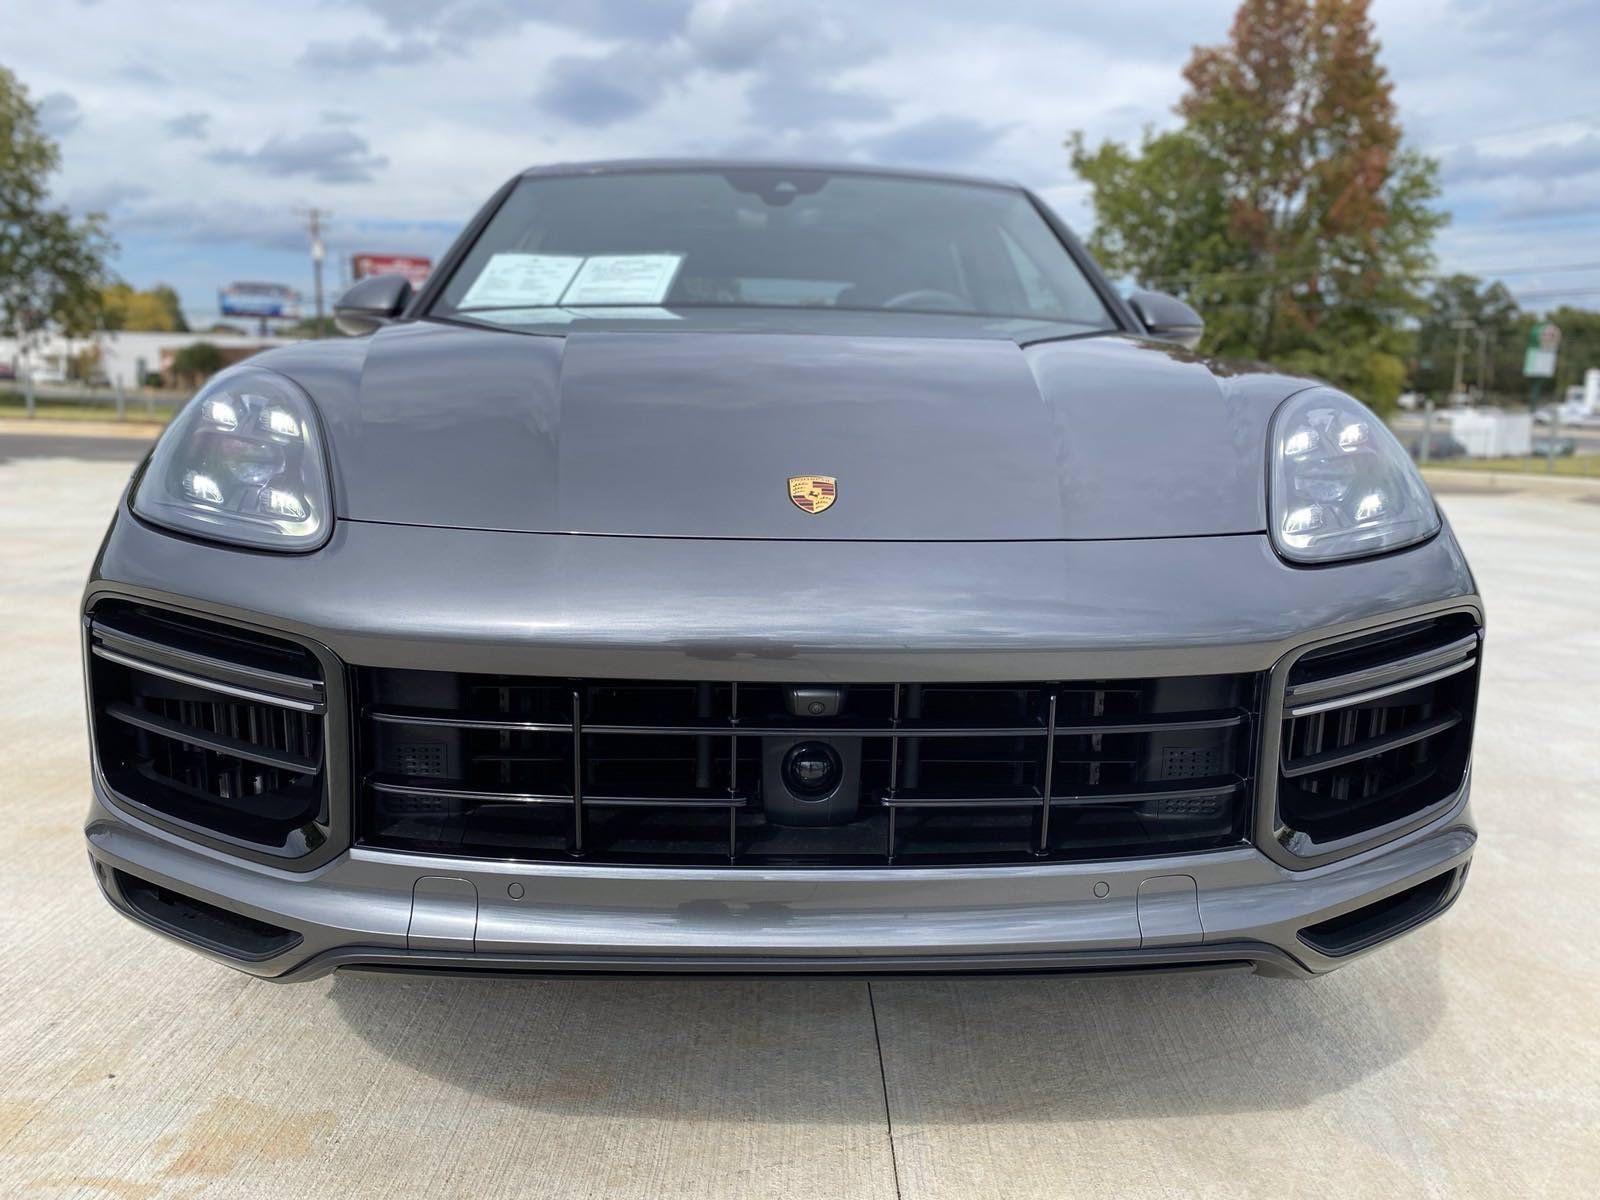 2019 Porsche Cayenne Turbo – 3